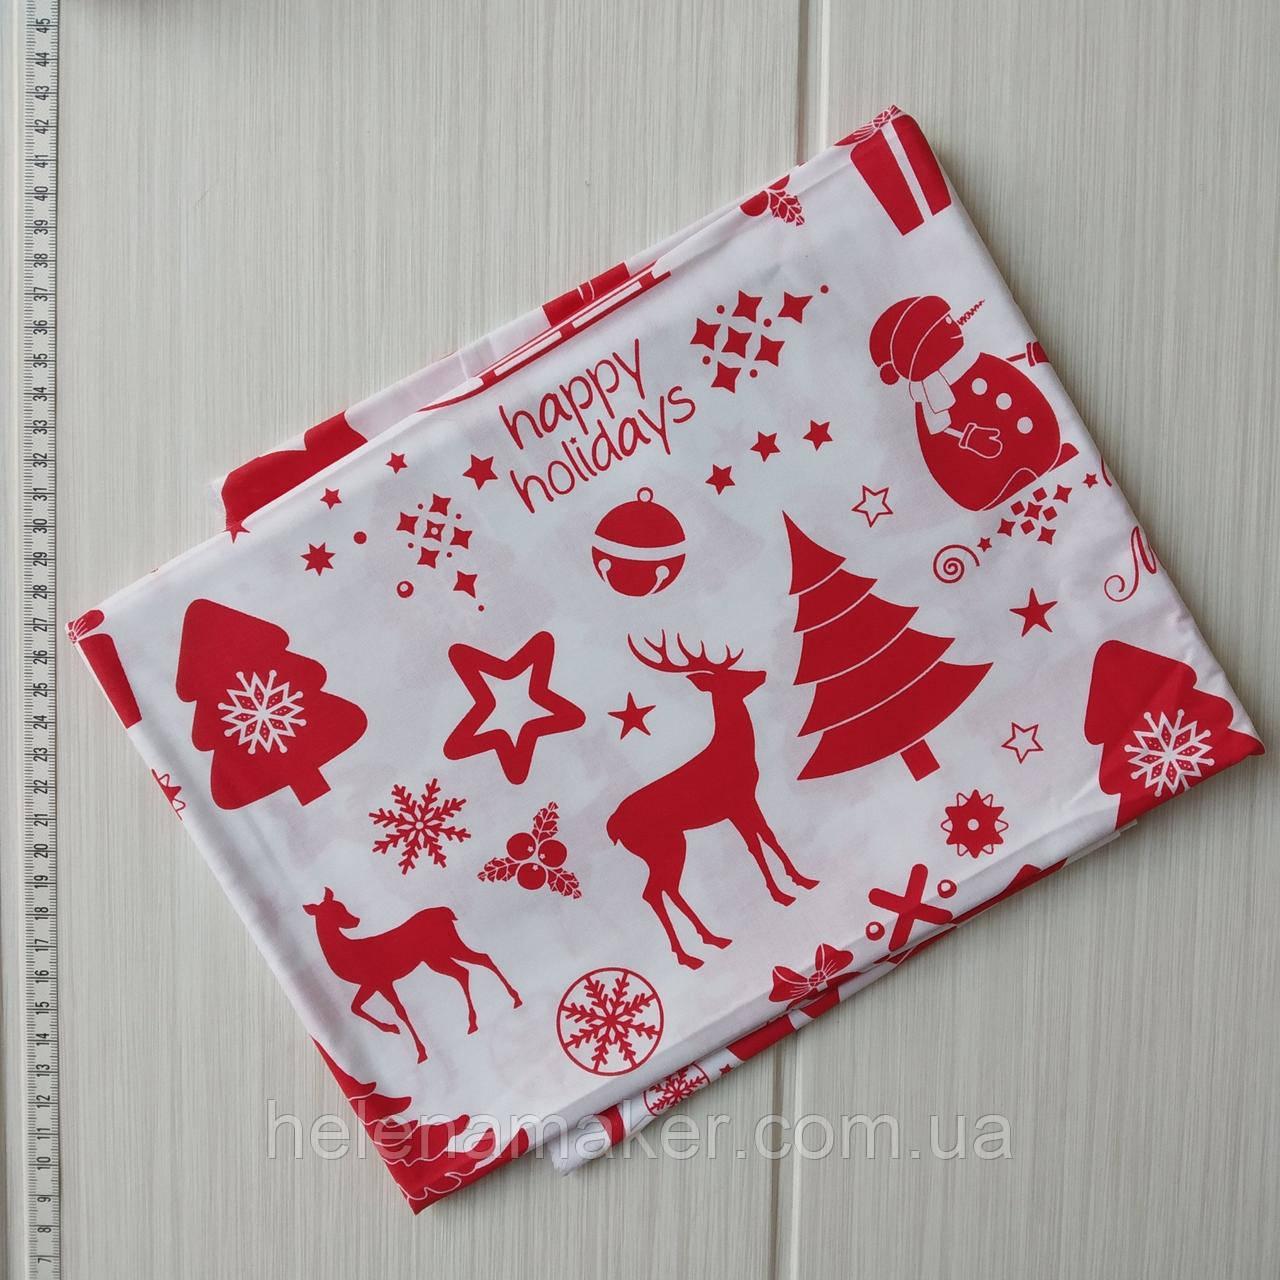 Праздничная новогодняя ткань Happy Holidays 40*50 см